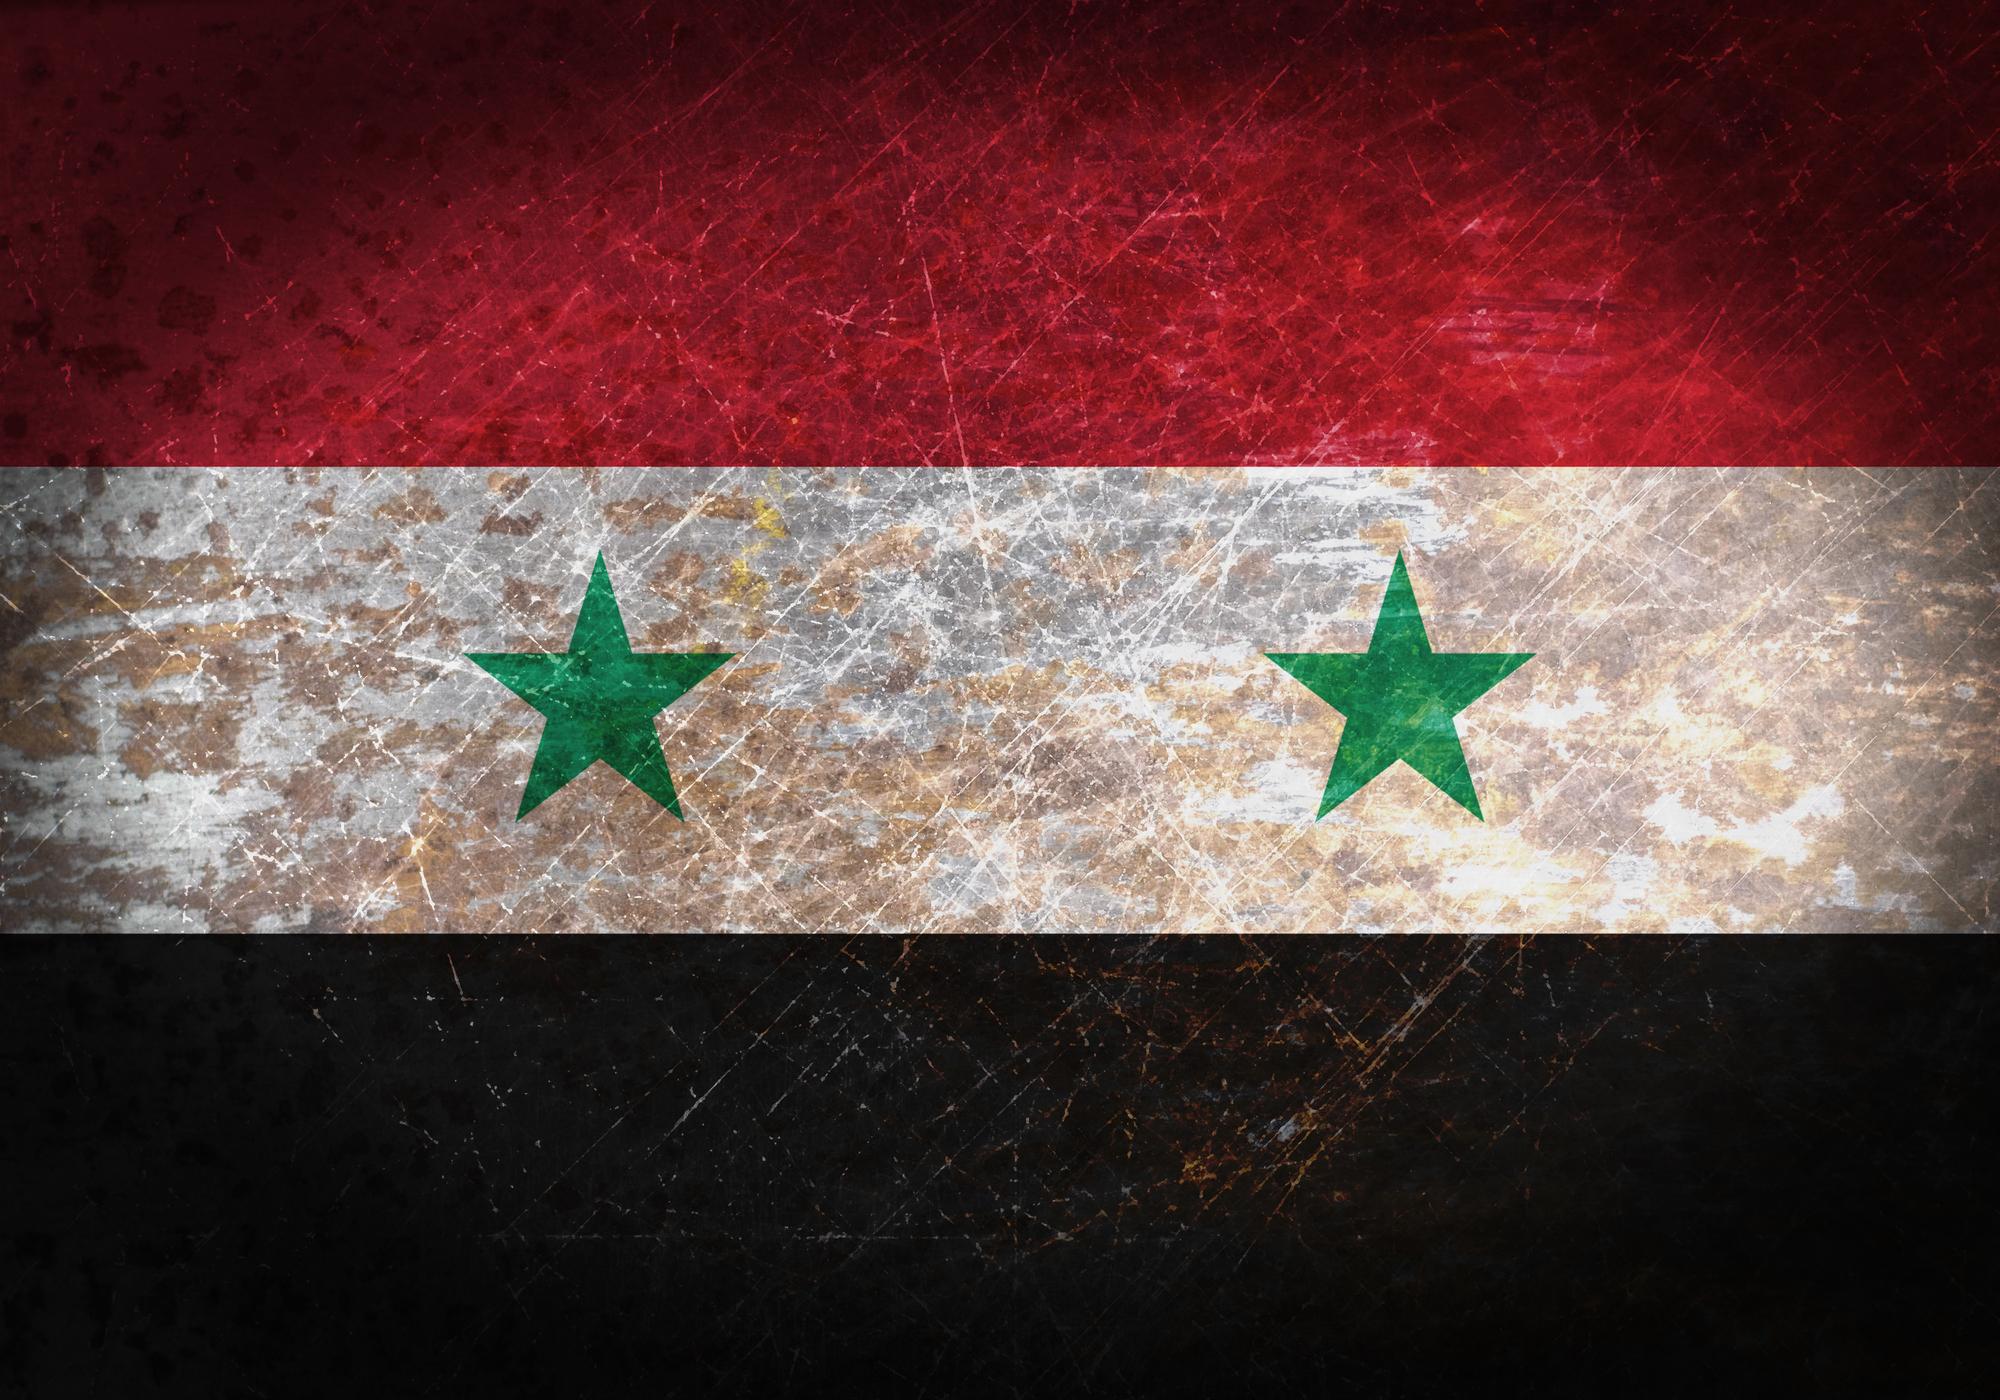 内戦続くシリア、市民の悲痛な叫び「一体、テロリストって誰のことなのか」